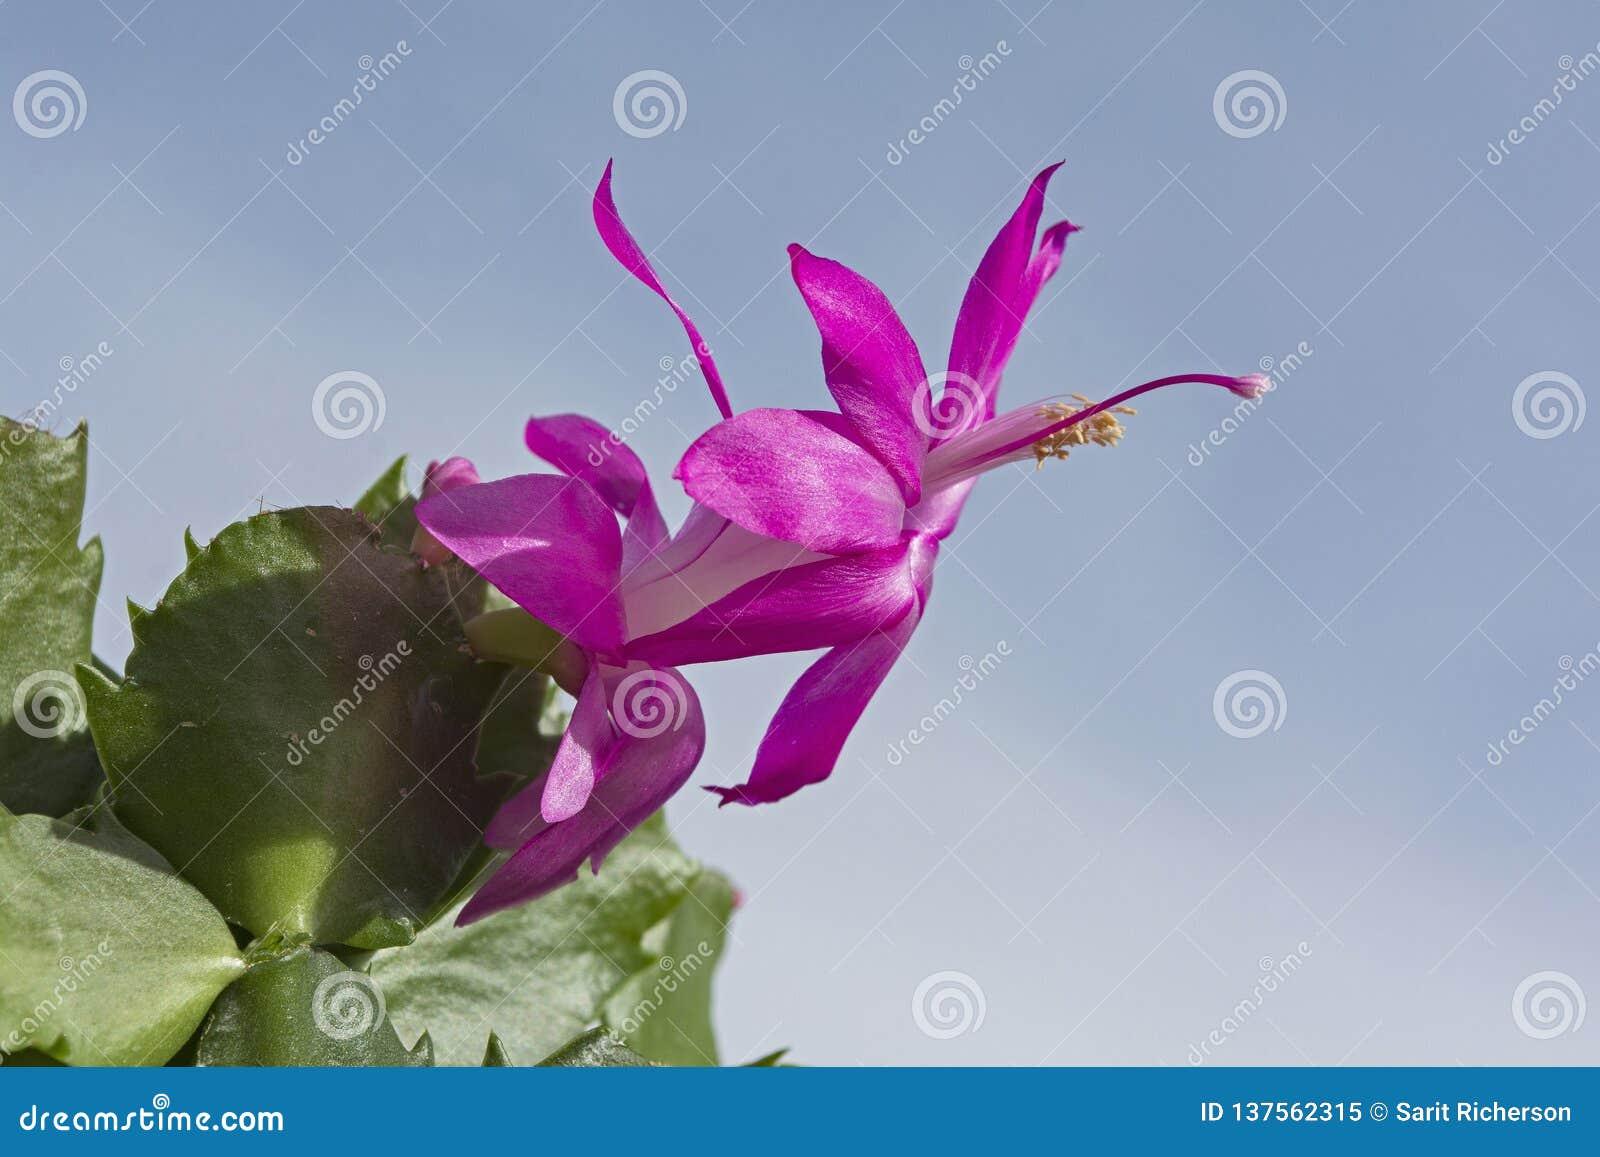 Eine magentarote Weihnachtskaktuss-Blume gegen einen blauen Himmel